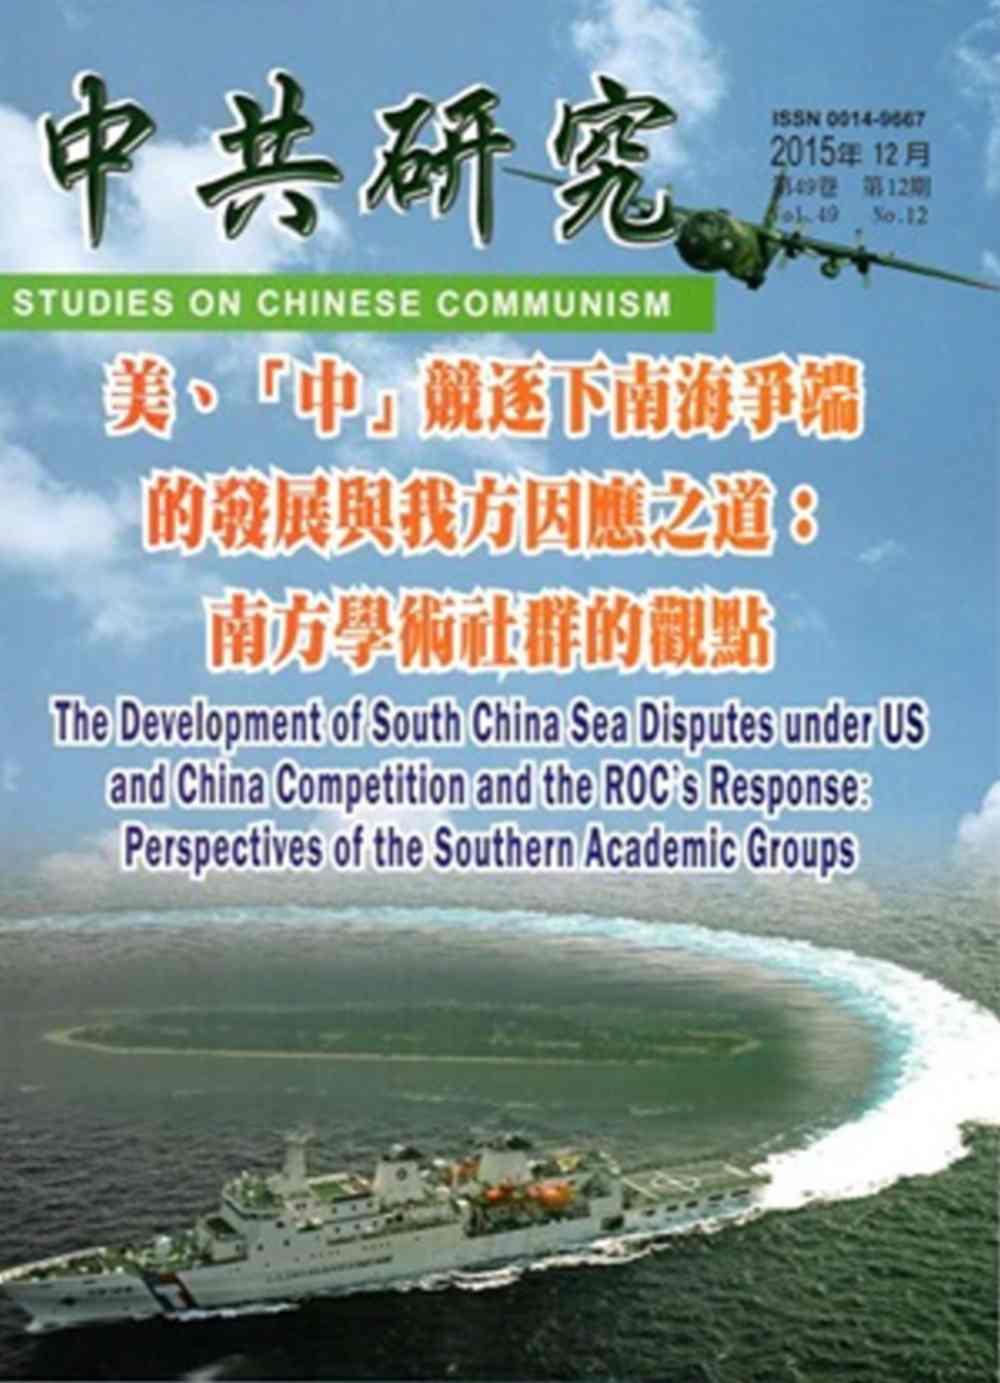 中共研究月刊第49卷12期^(104 12^)^(105年1月起改雙月刊 每單月25日出刊